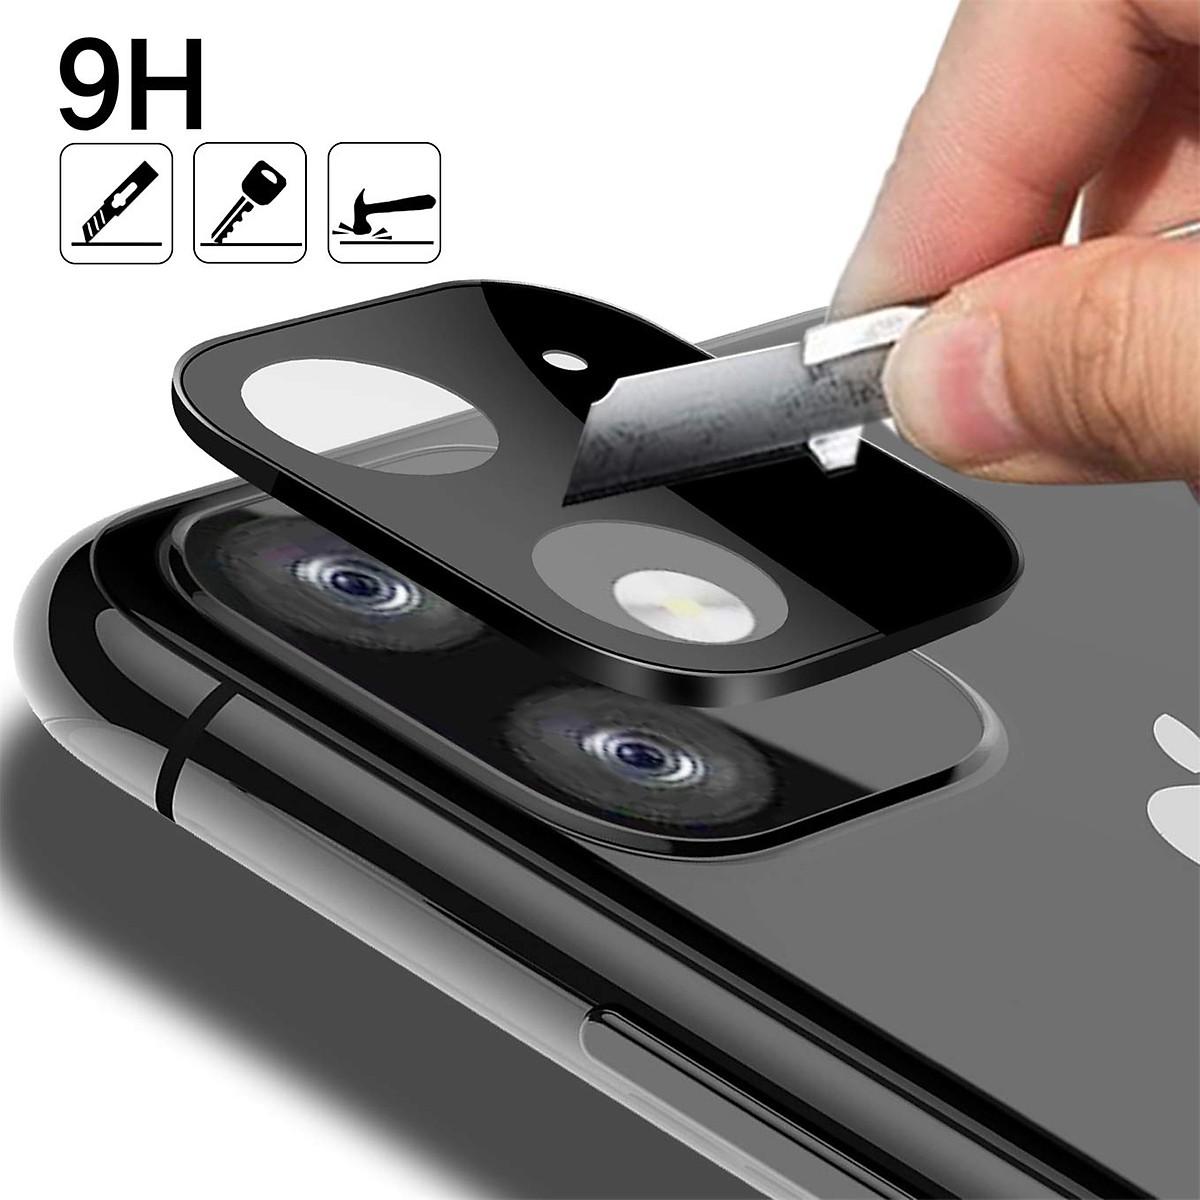 Miếng Dán Cường Lực Camera Dành Cho Iphone 11 Pro/ Pro Max ( Màu Đen)